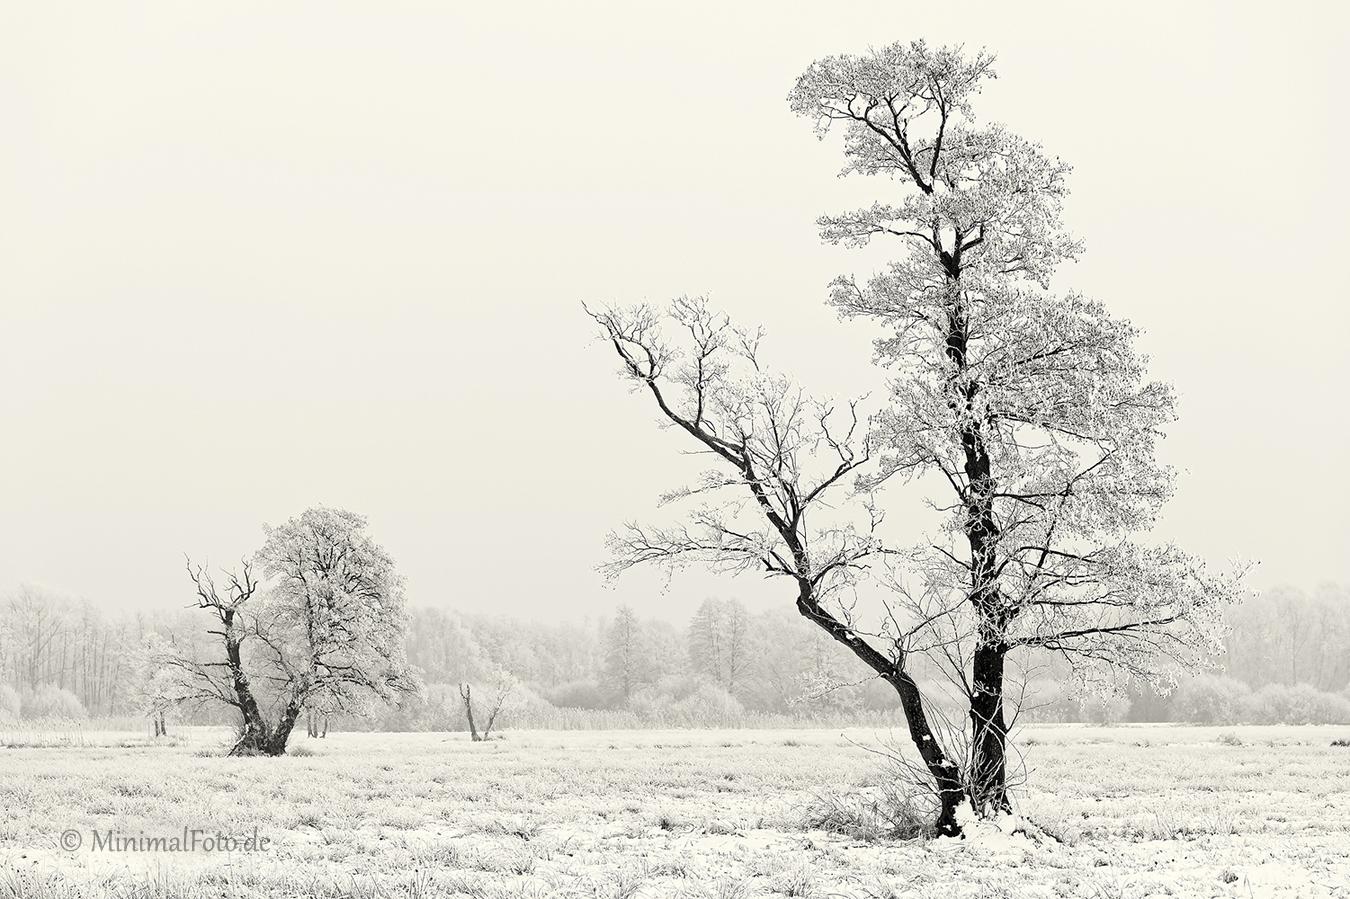 Baum-tree-winter-snow-schnee-Landschaft-landscape-Minimalismus-minimalistisch-minimalistic-black-white-schwarz-weiss-B_SAM0494-sw